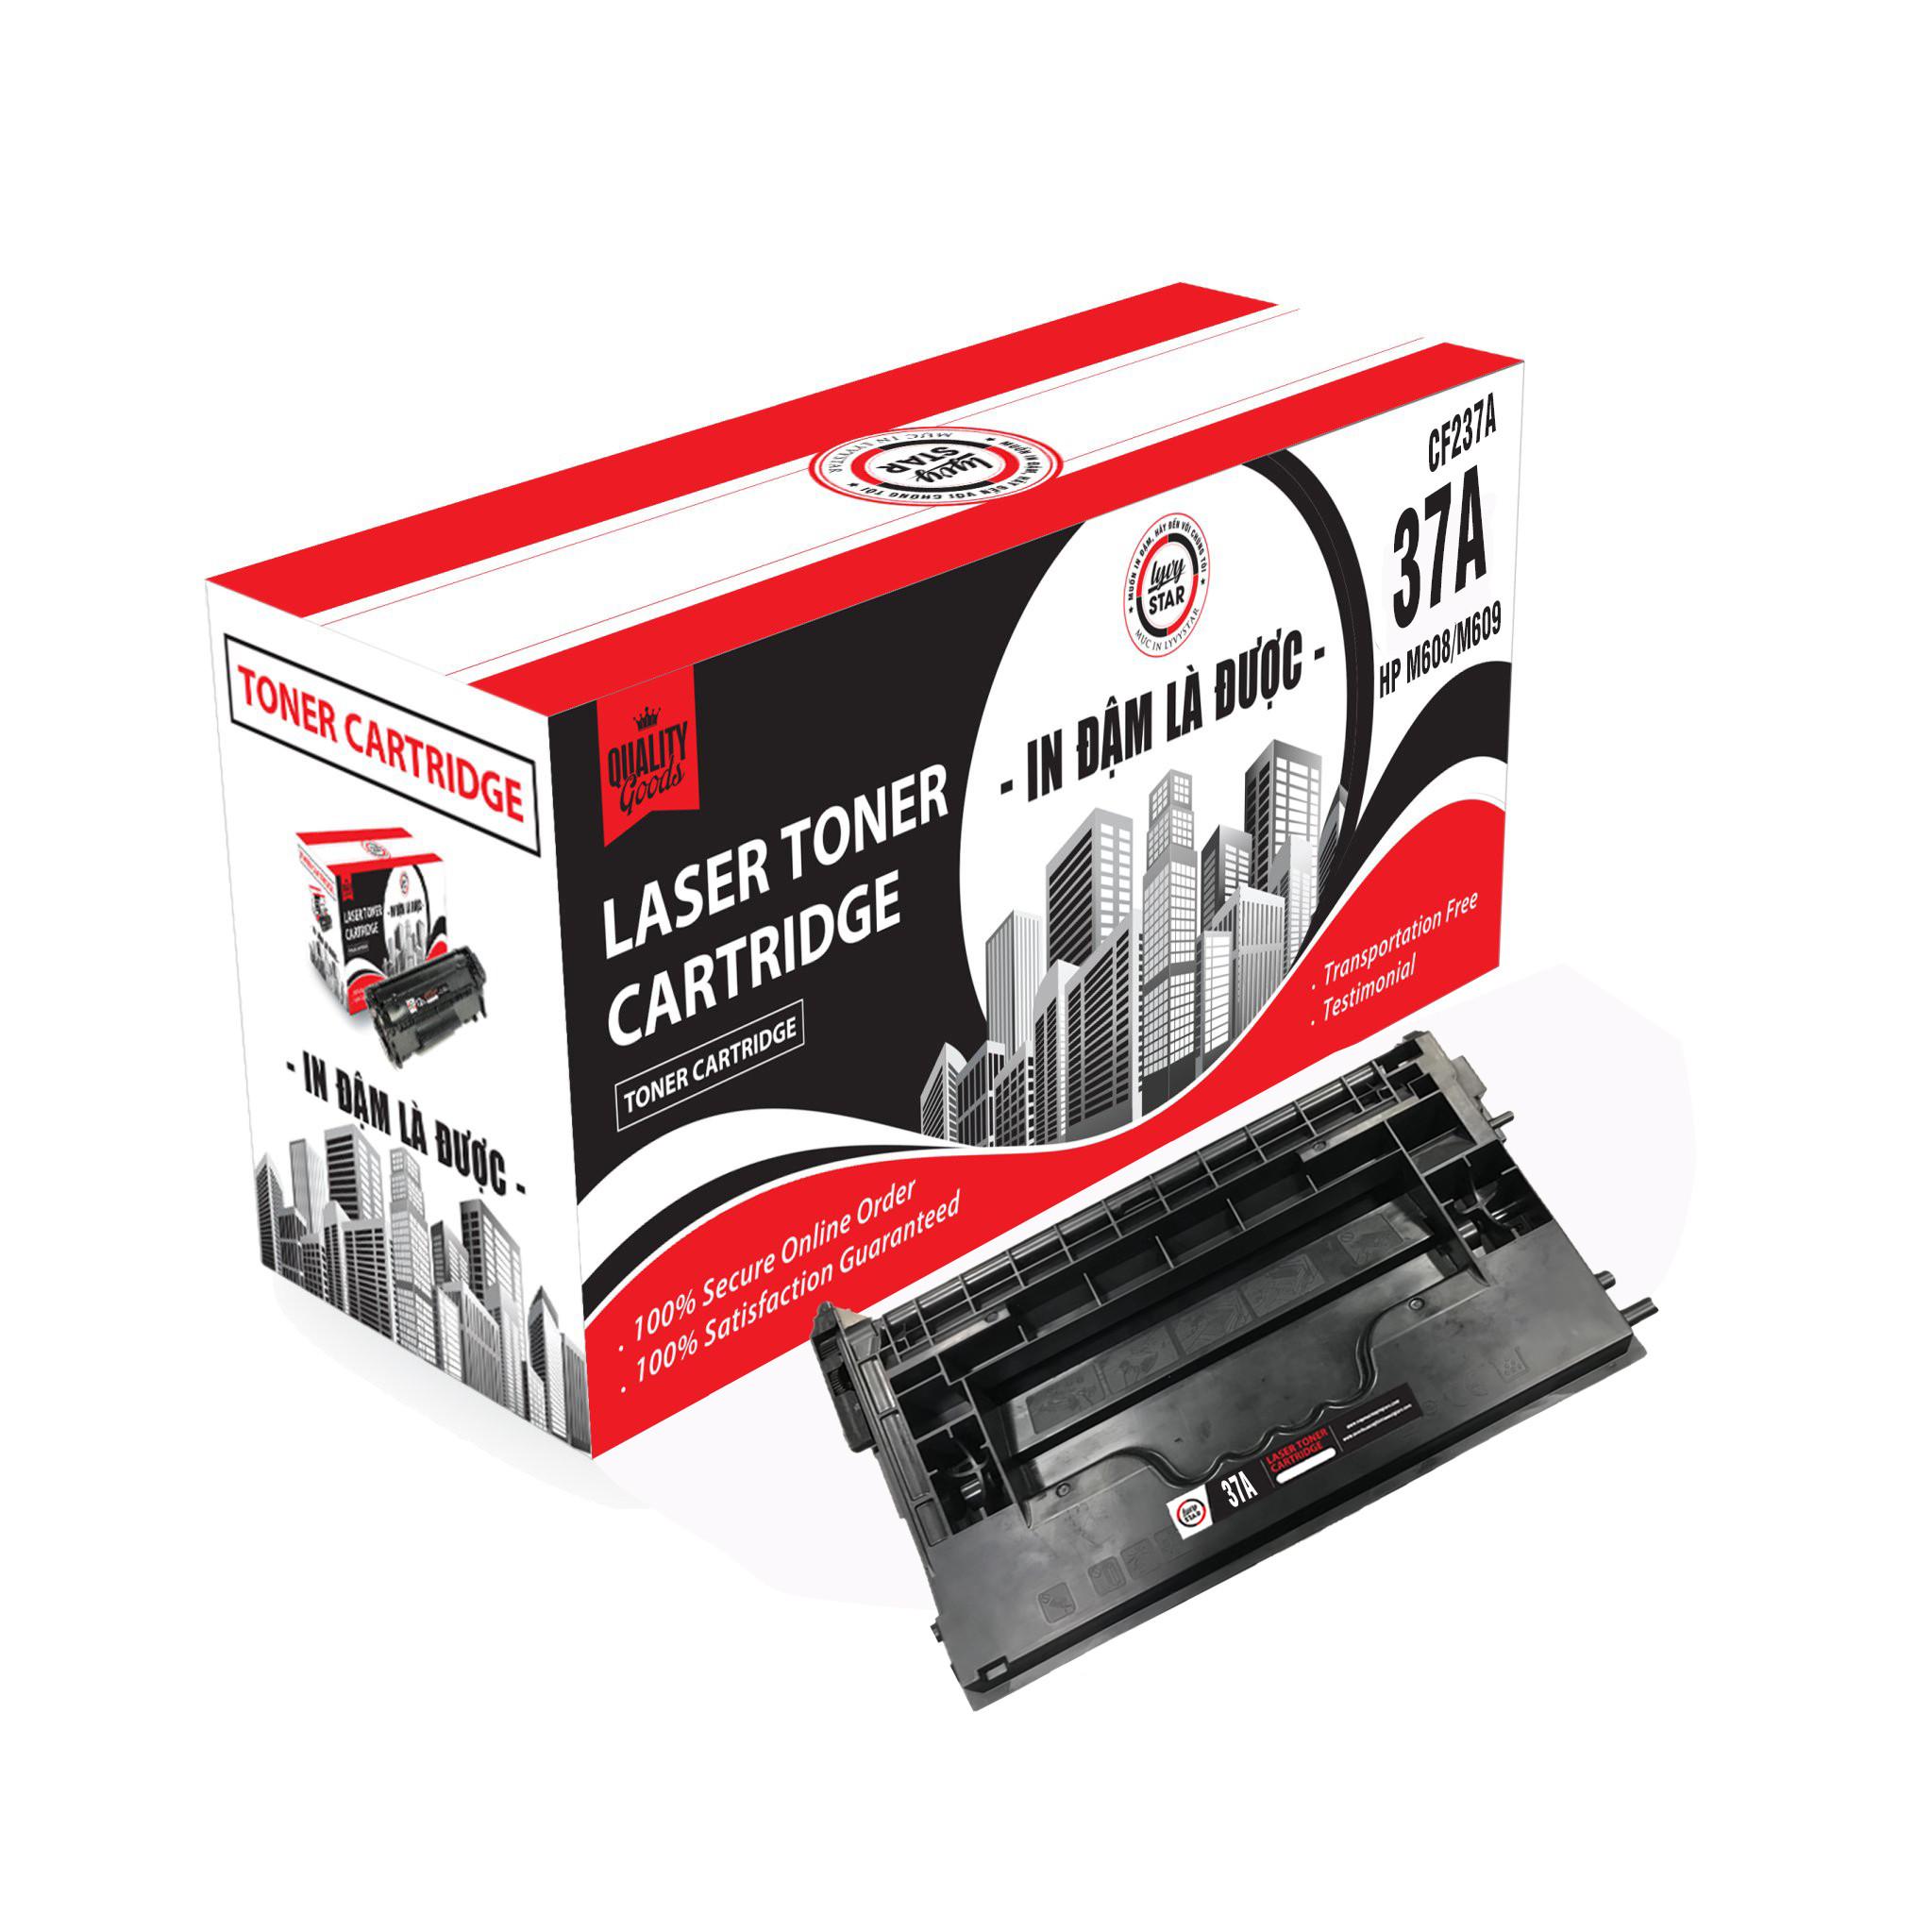 Mực in Lyvystar 37A (CF237A) dùng cho máy HP LaserJet Enterprise M632dn - Hàng chính hãng